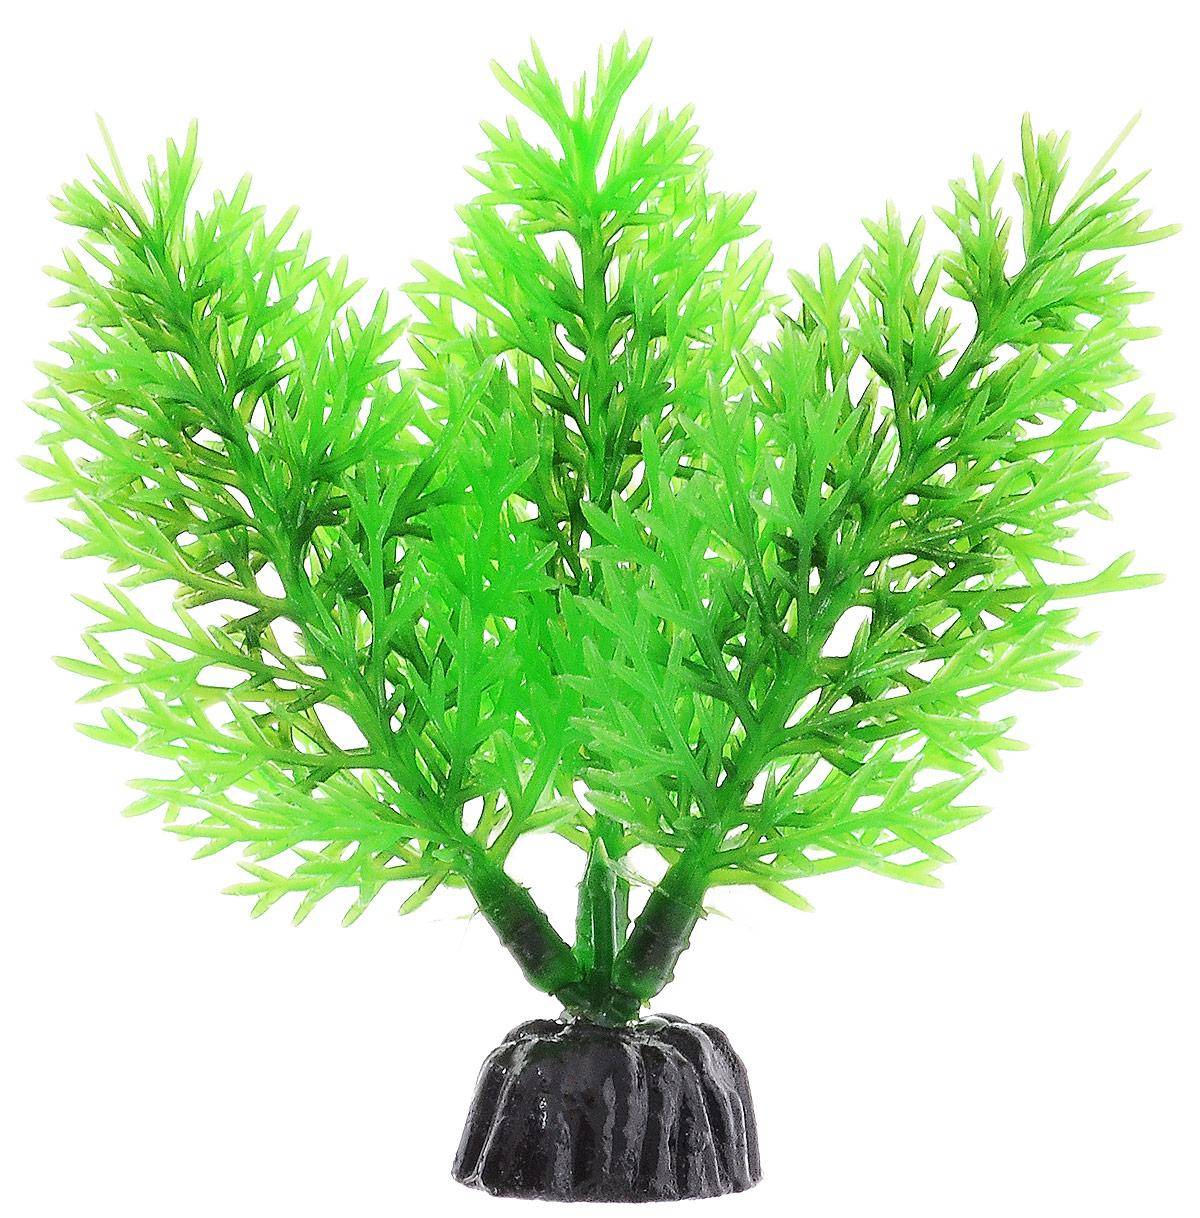 Растение для аквариума Barbus Роголистник, пластиковое, цвет: зеленый, высота 10 смPlant 015/10Растение для аквариума Barbus Роголистник, выполненное из качественного пластика, станет прекрасным украшением вашего аквариума. Пластиковое растение идеально подходит для дизайна всех видов аквариумов. Оно абсолютно безопасно, нейтрально к водному балансу, устойчиво к истиранию краски, подходит как для пресноводного, так и для морского аквариума. Растение для аквариума Barbus поможет вам смоделировать потрясающий пейзаж на дне вашего аквариума или террариума. Высота растения: 10 см.